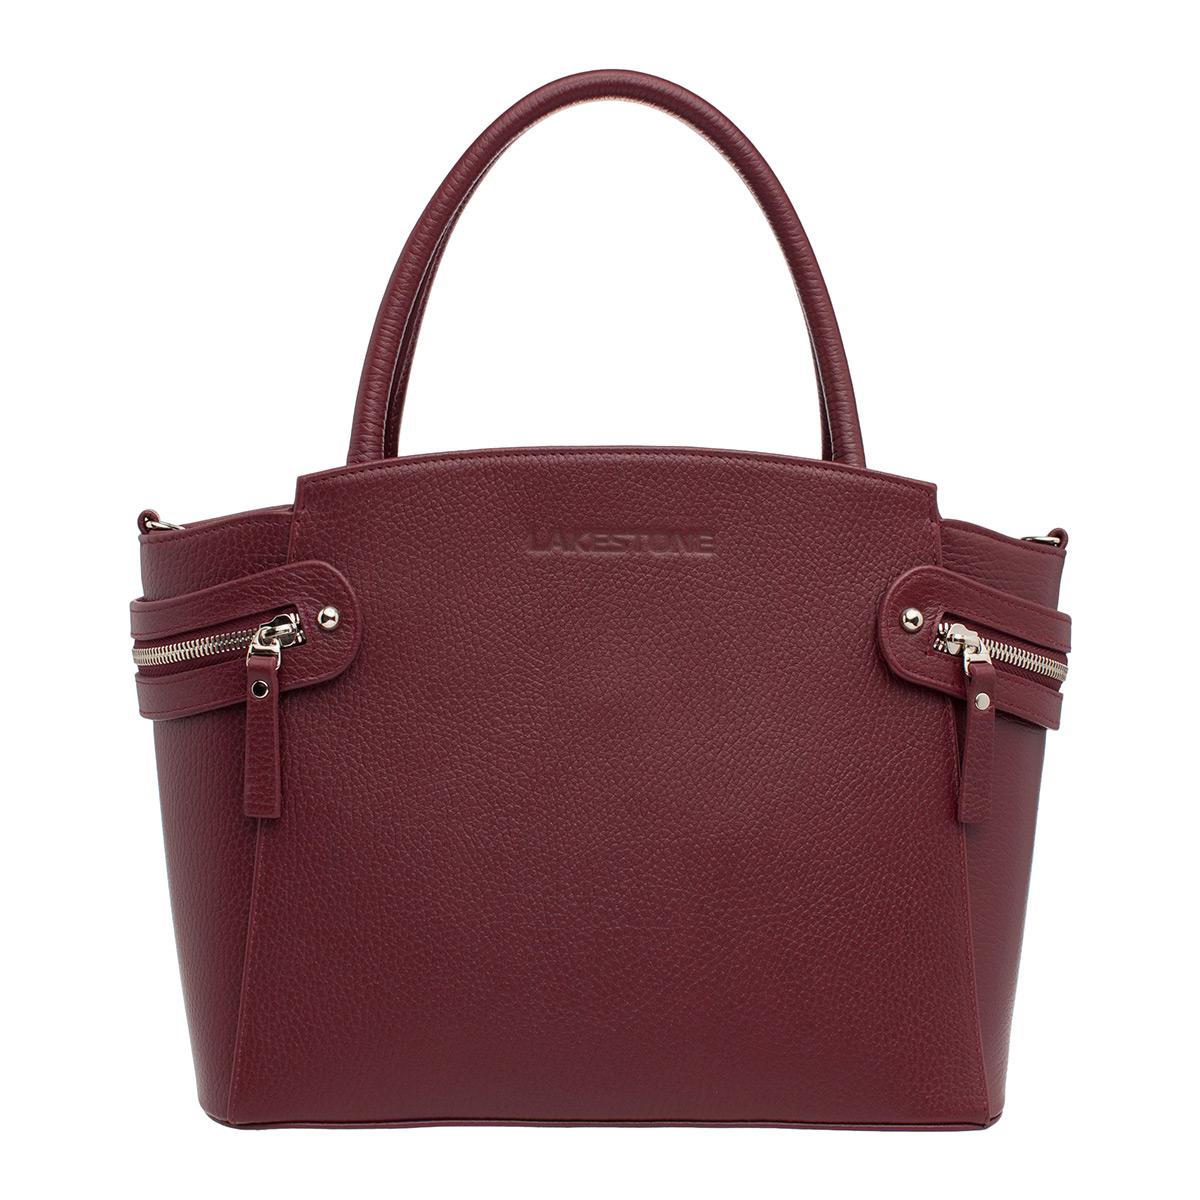 Купить Кожаная женская сумка Hacket Burgundy